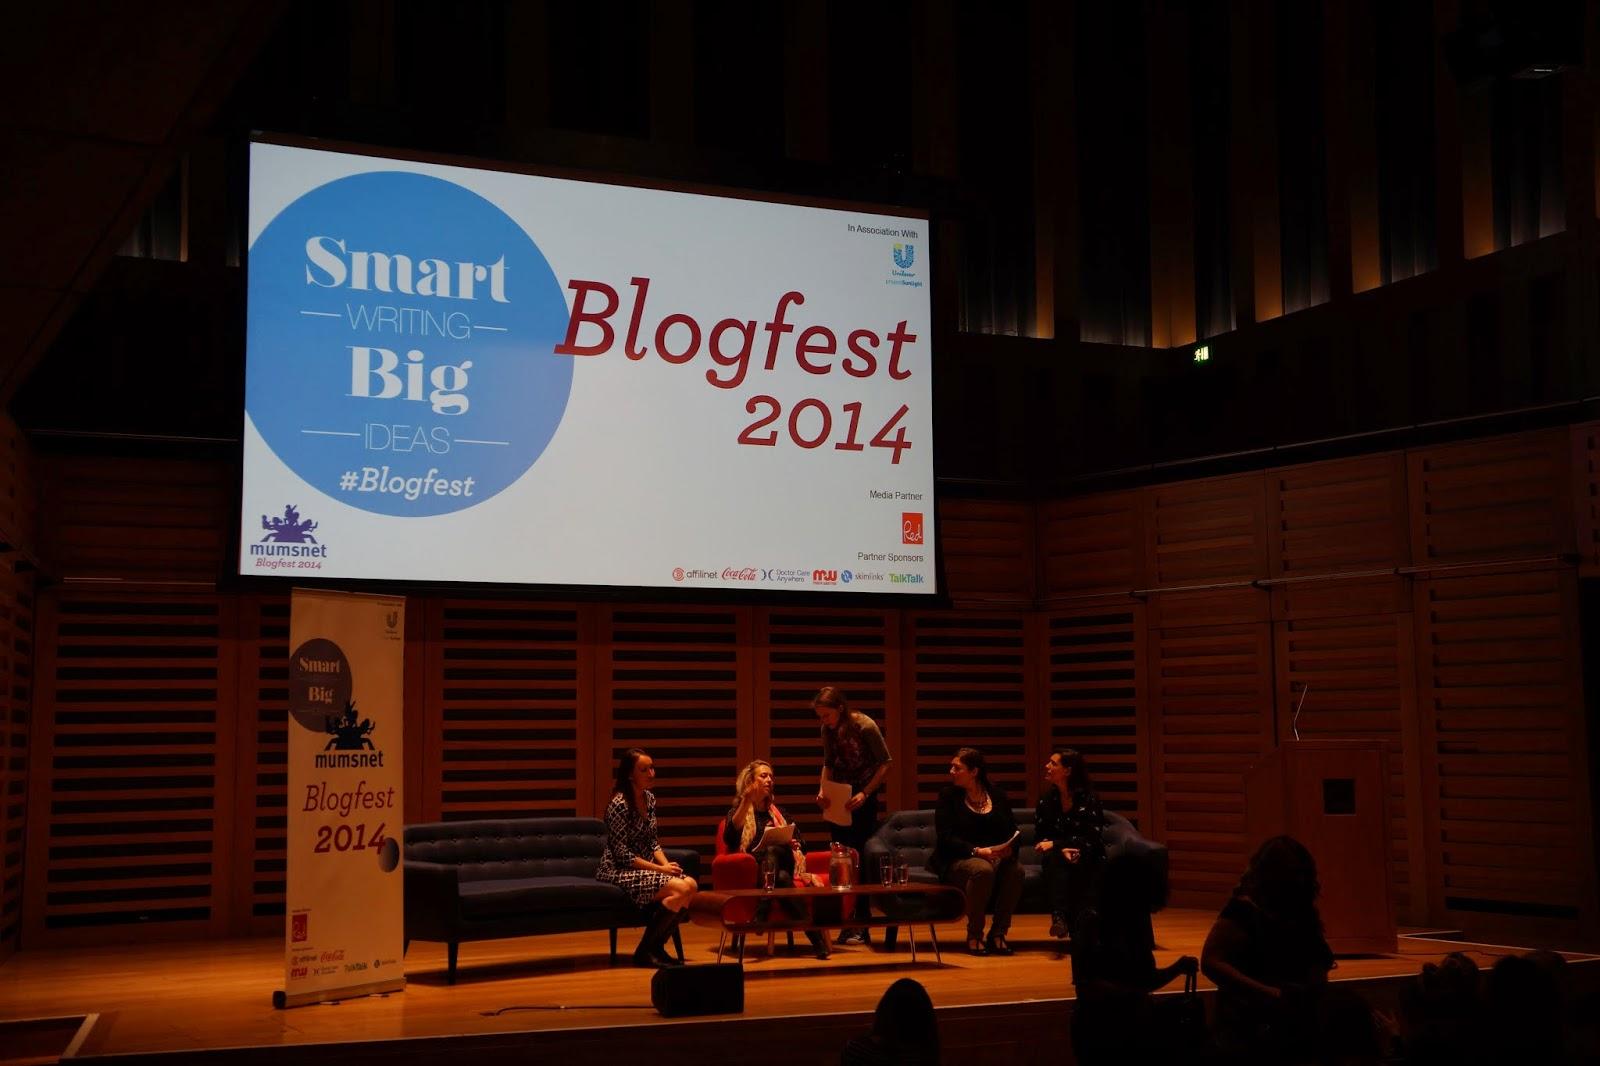 mumsnet blogfest 2014